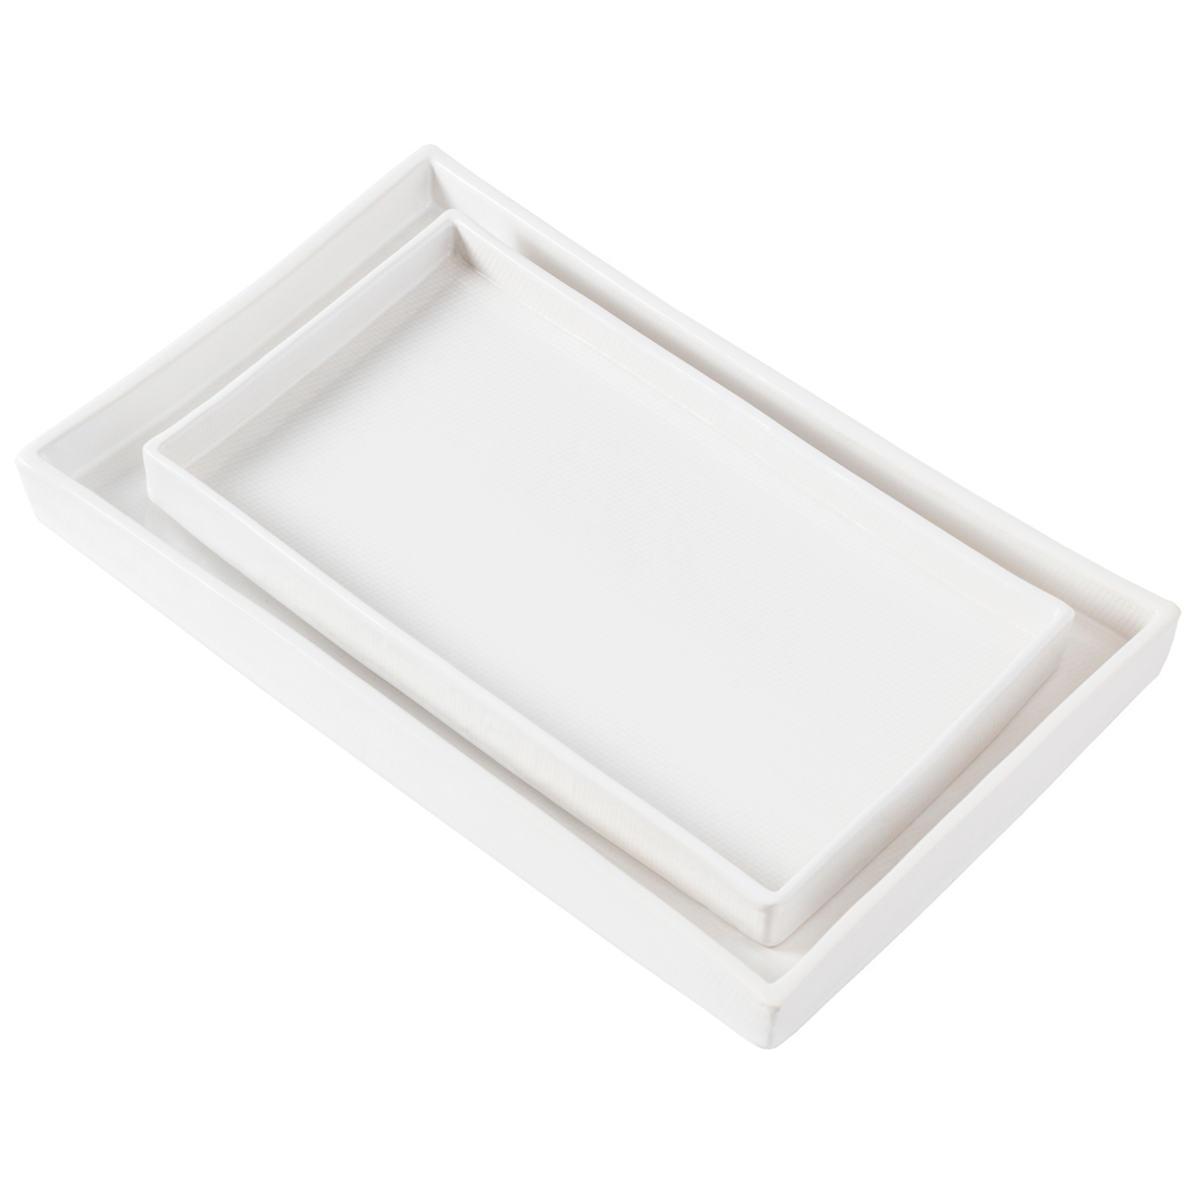 Cordoba White Burlap Nested Trays